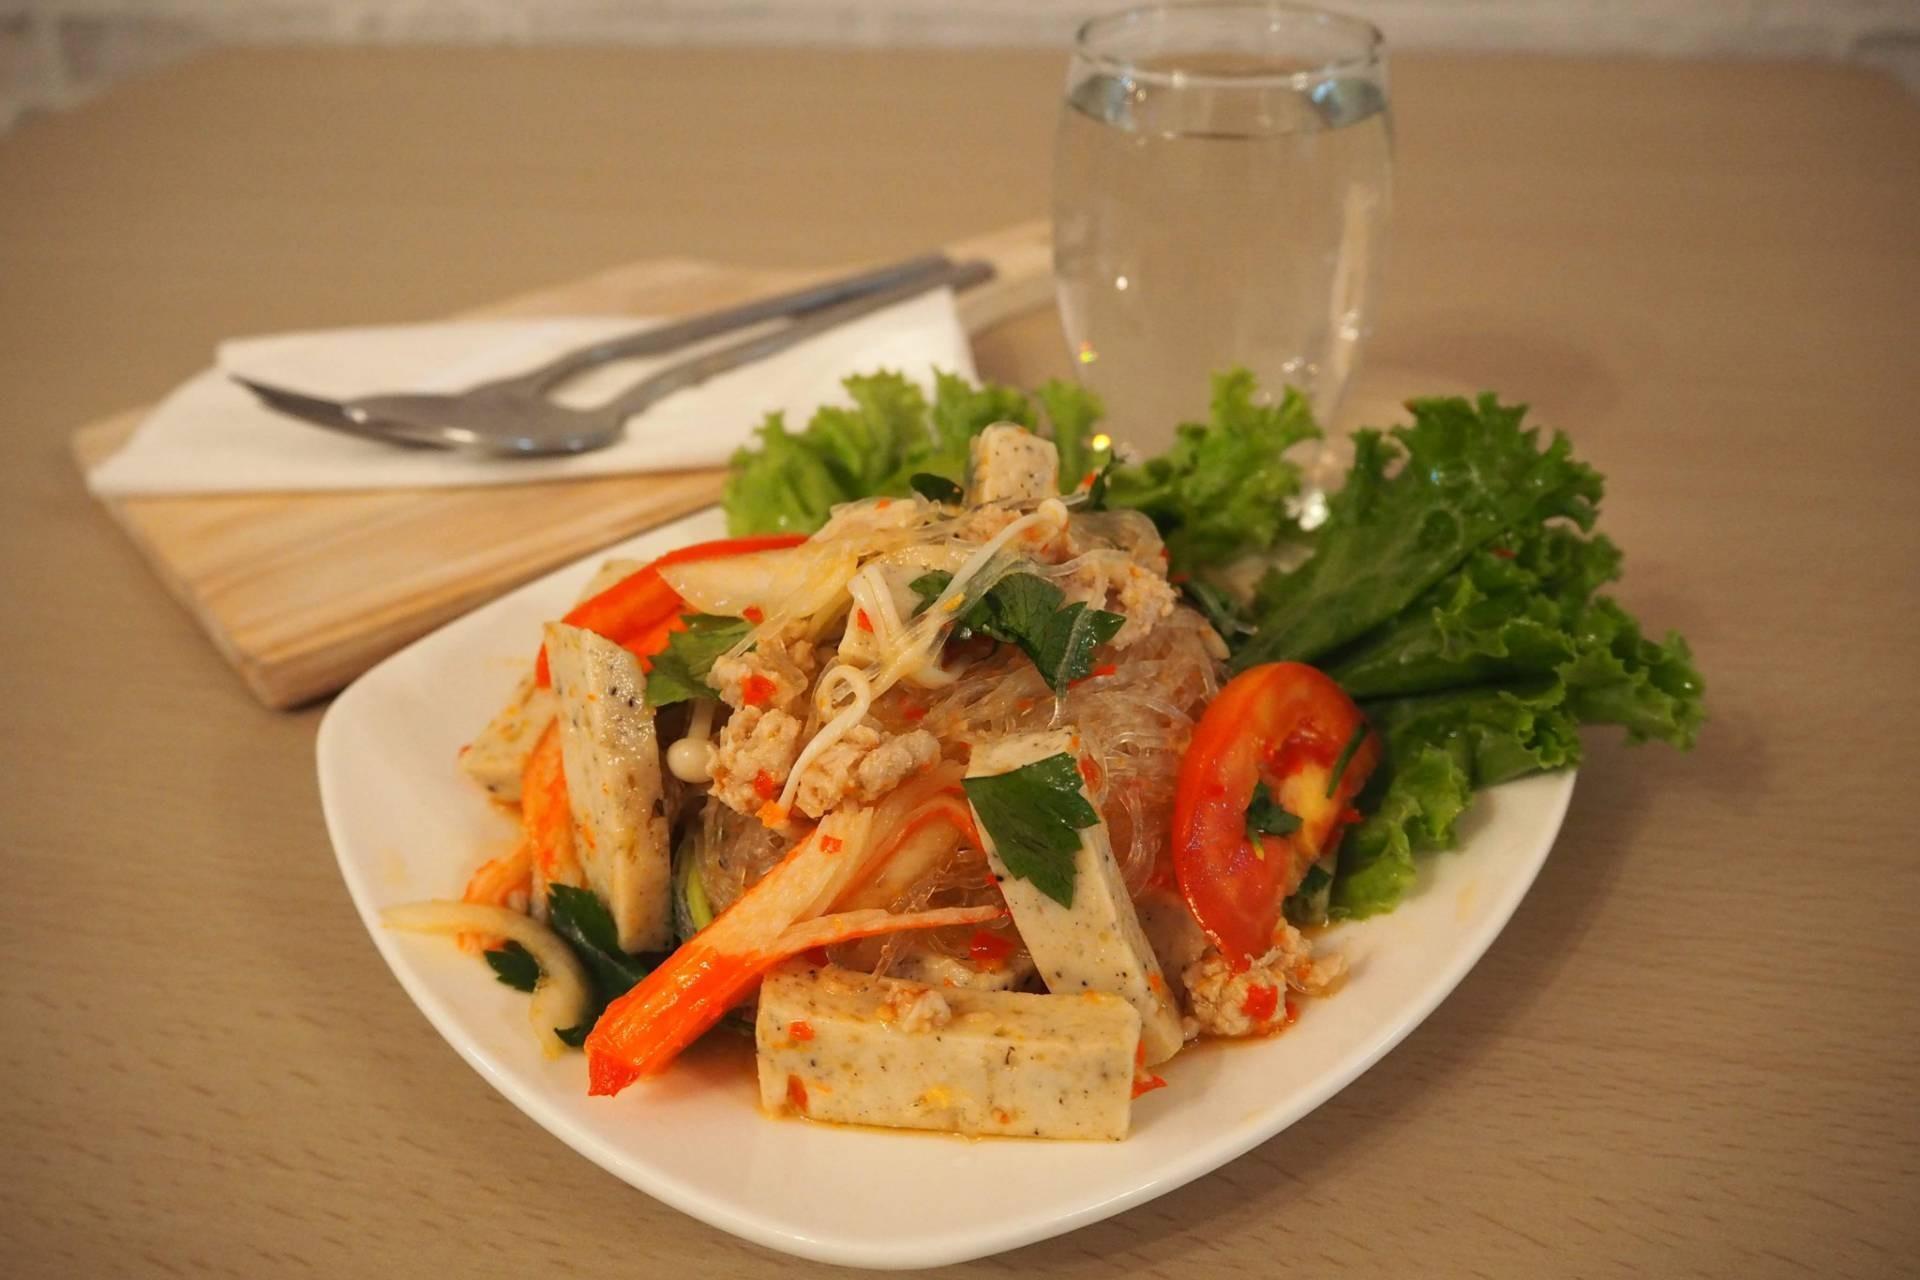 ค้นหาร้านอาหาร โรงแรม ที่พัก สถานที่ท่องเที่ยว ร้านเสริมสวยและสปา ใน บุรีรัมย์